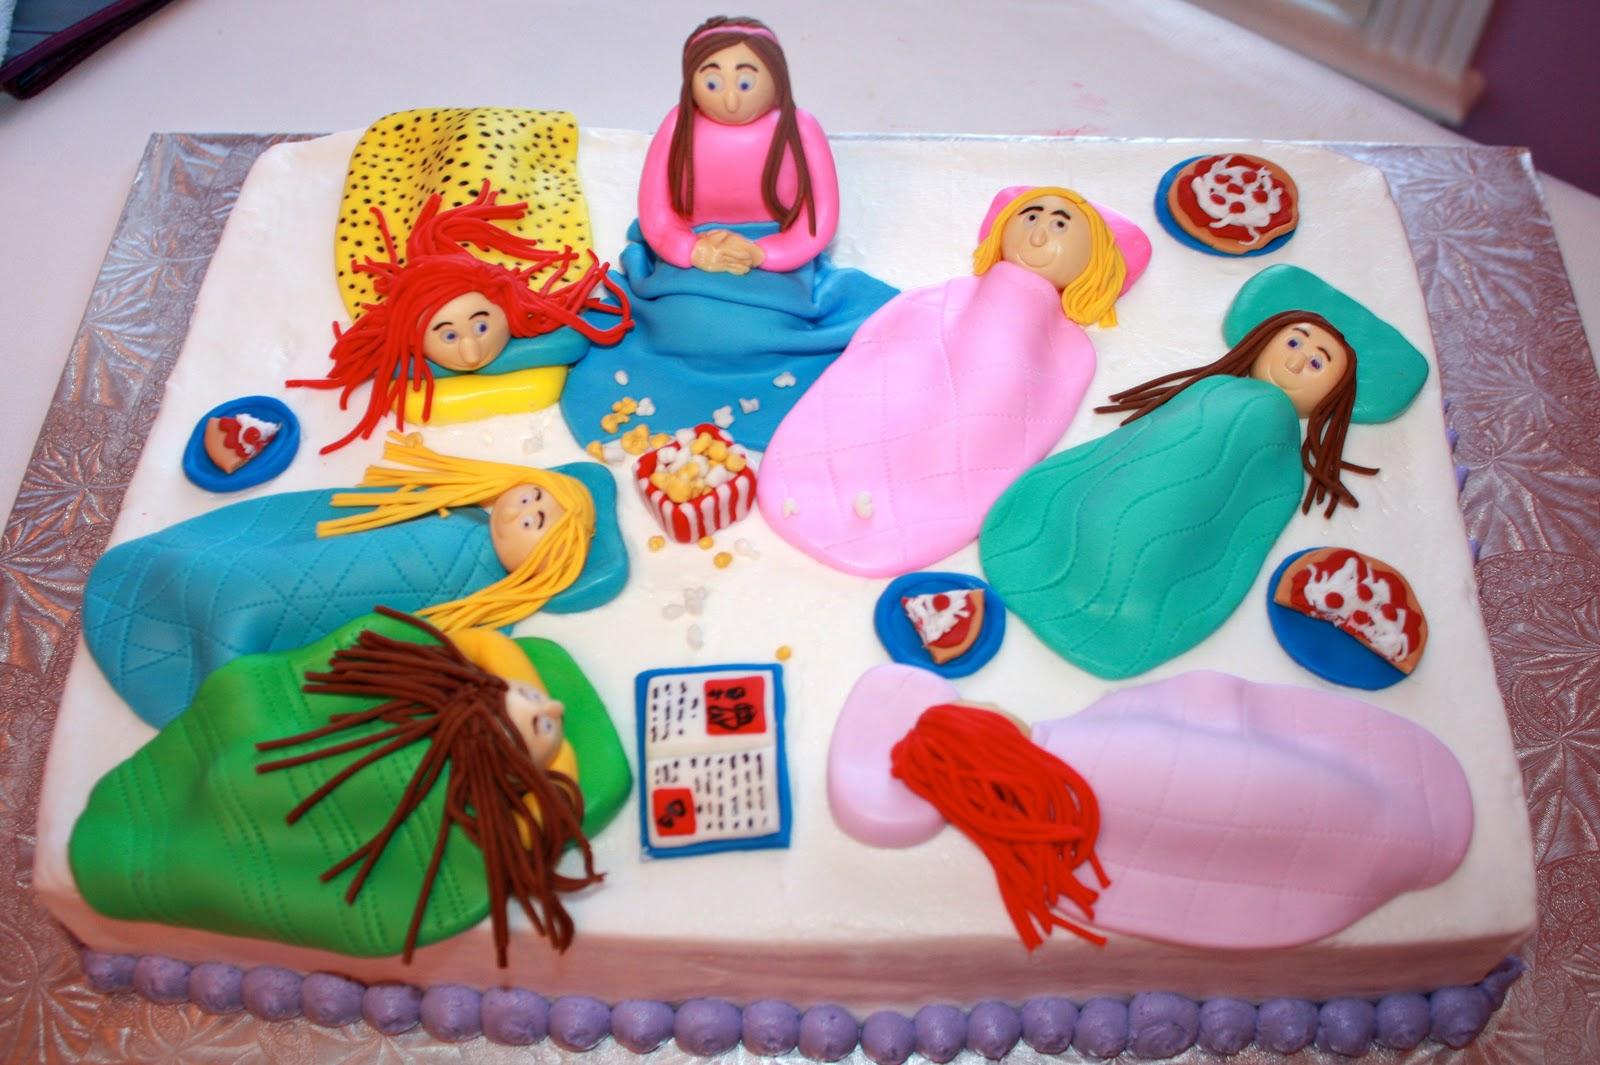 Slumber Party Cake Images : The Layered Cake: Slumber party cake